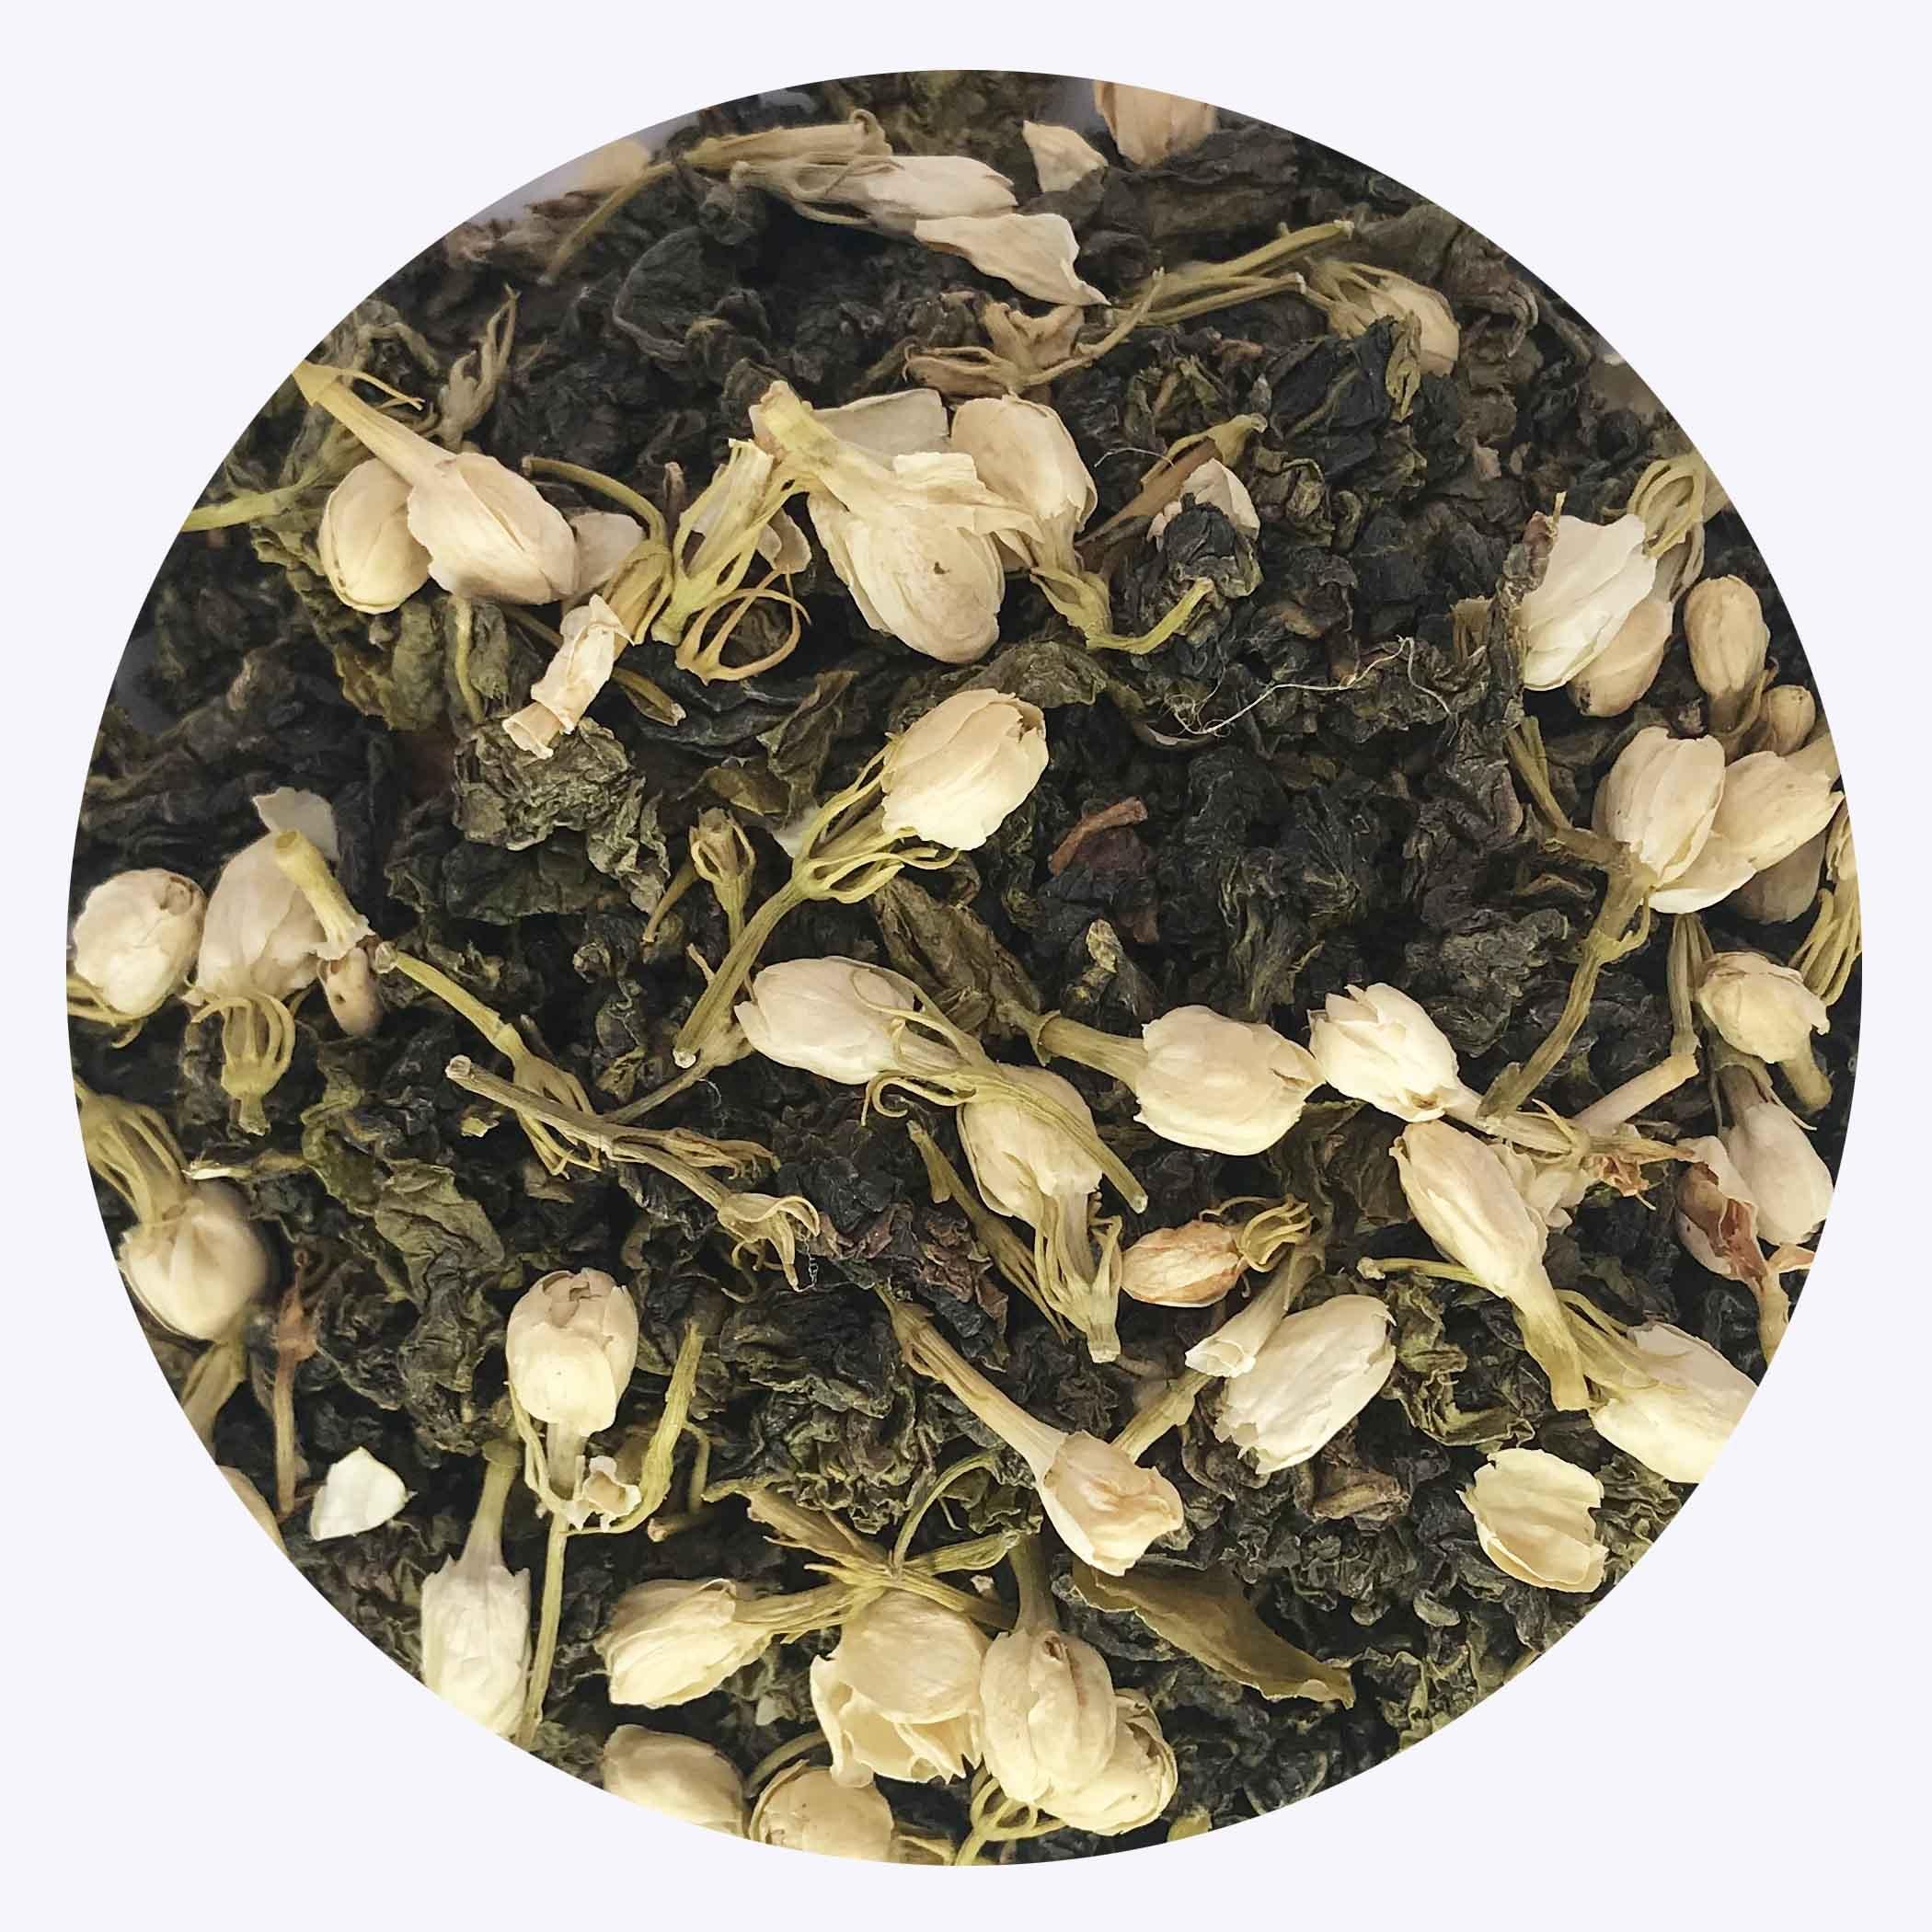 Organic Oriental Tea Jasmine Oolong - 4uTea | 4uTea.com